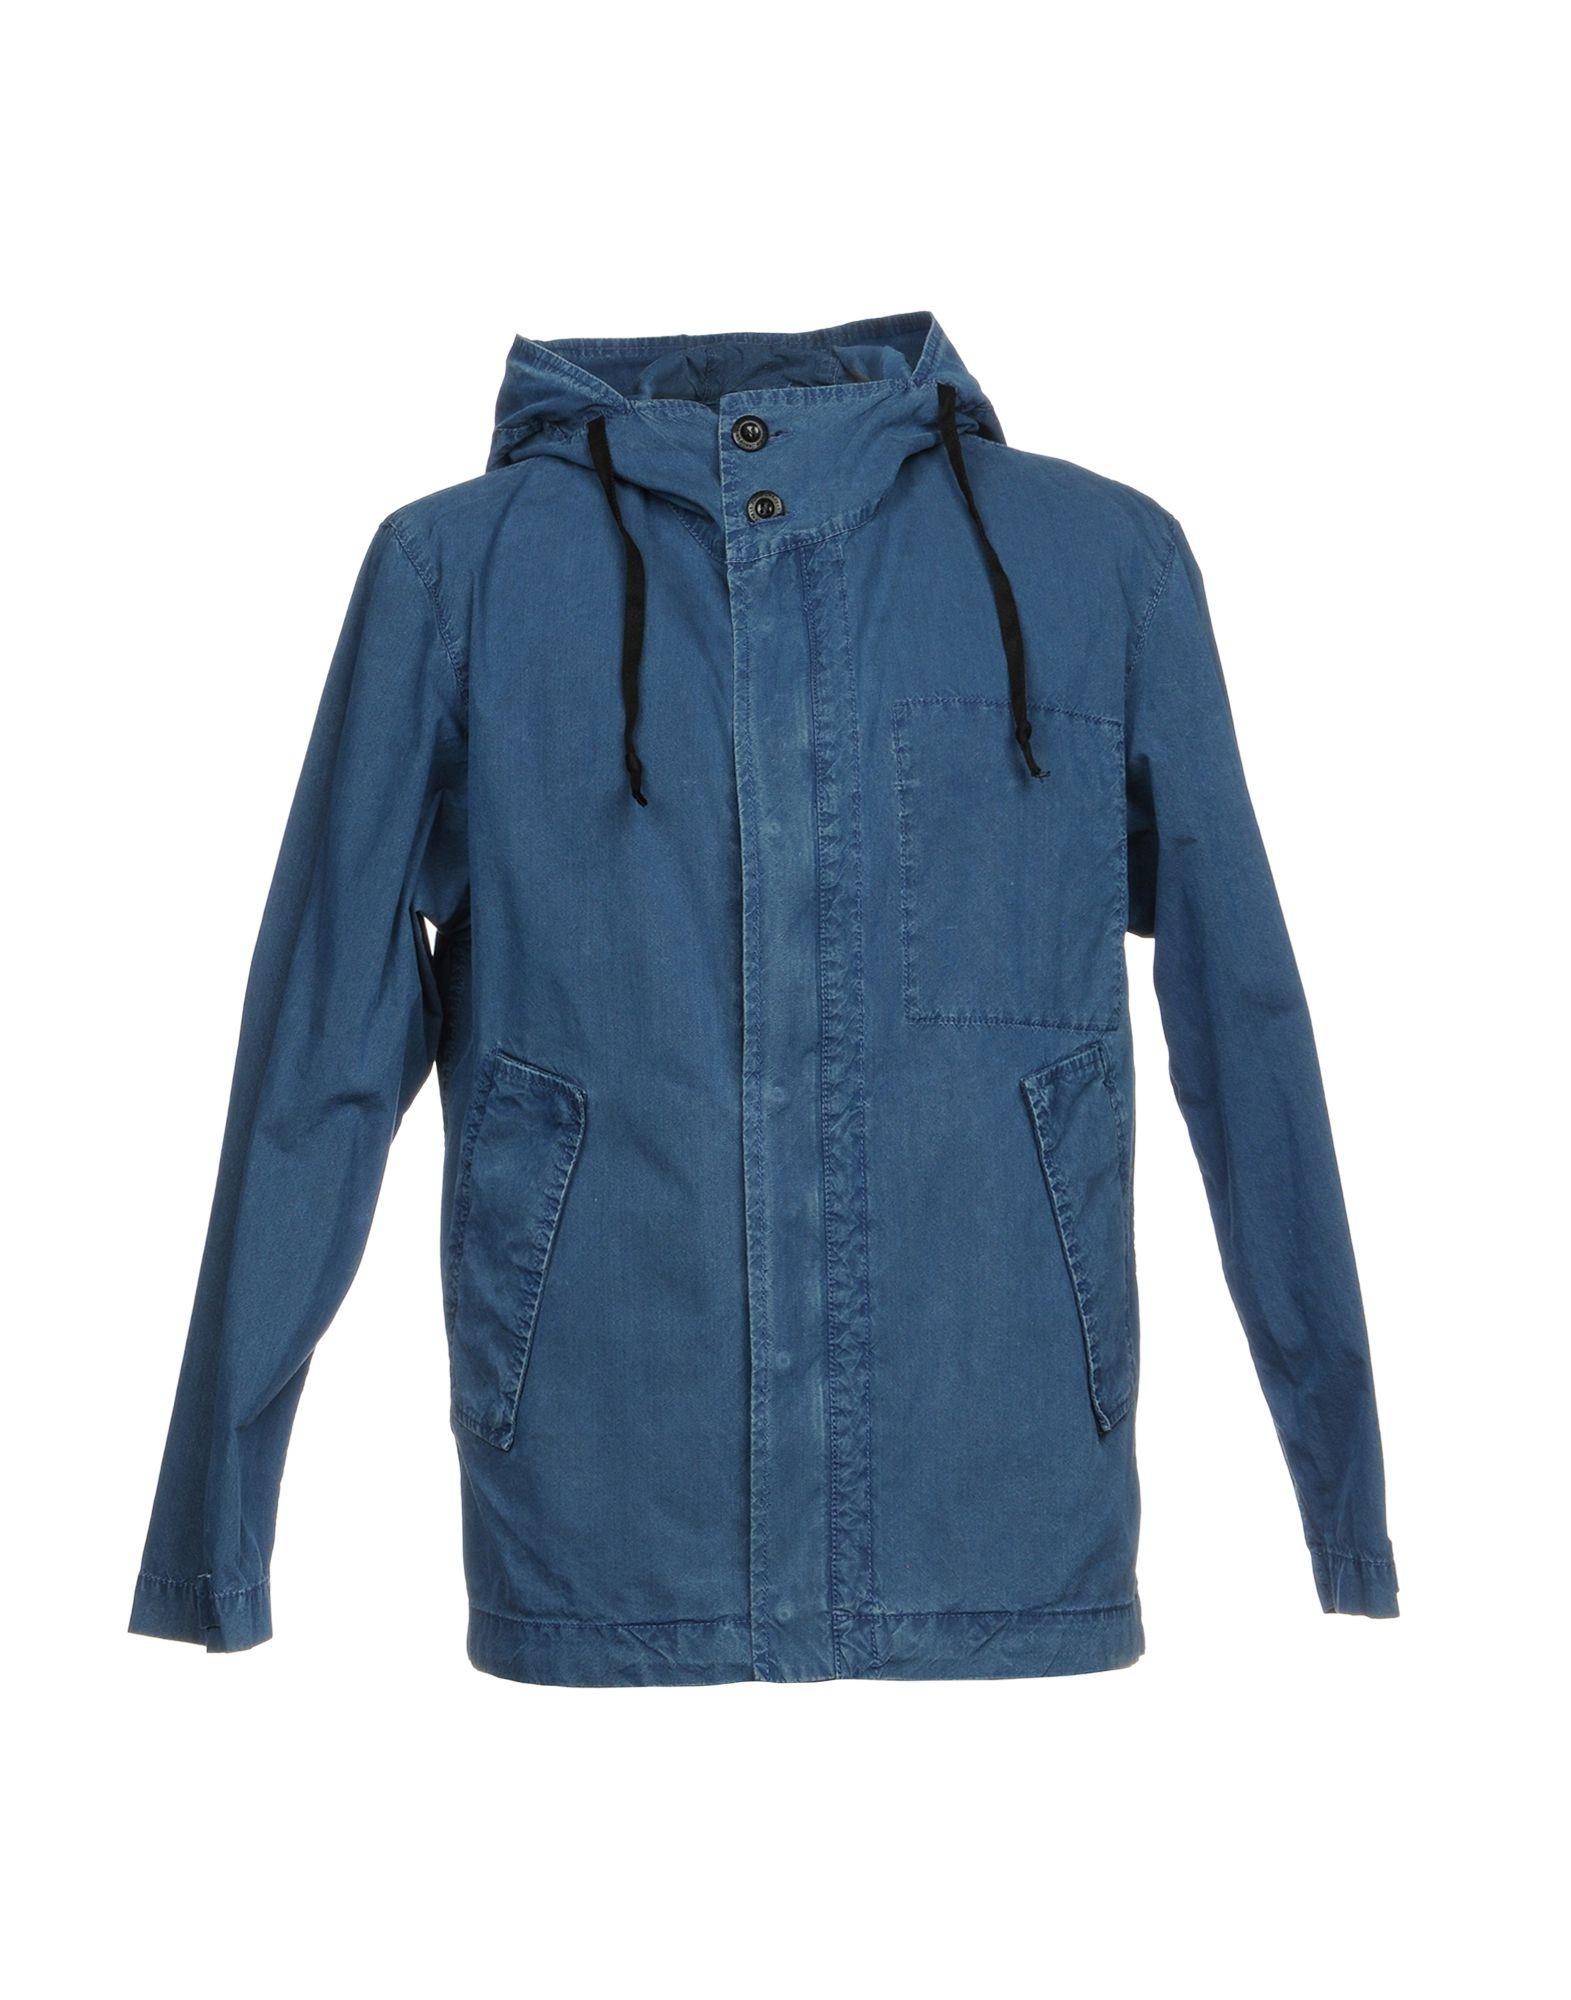 купить NUDIE JEANS CO Джинсовая верхняя одежда по цене 24500 рублей